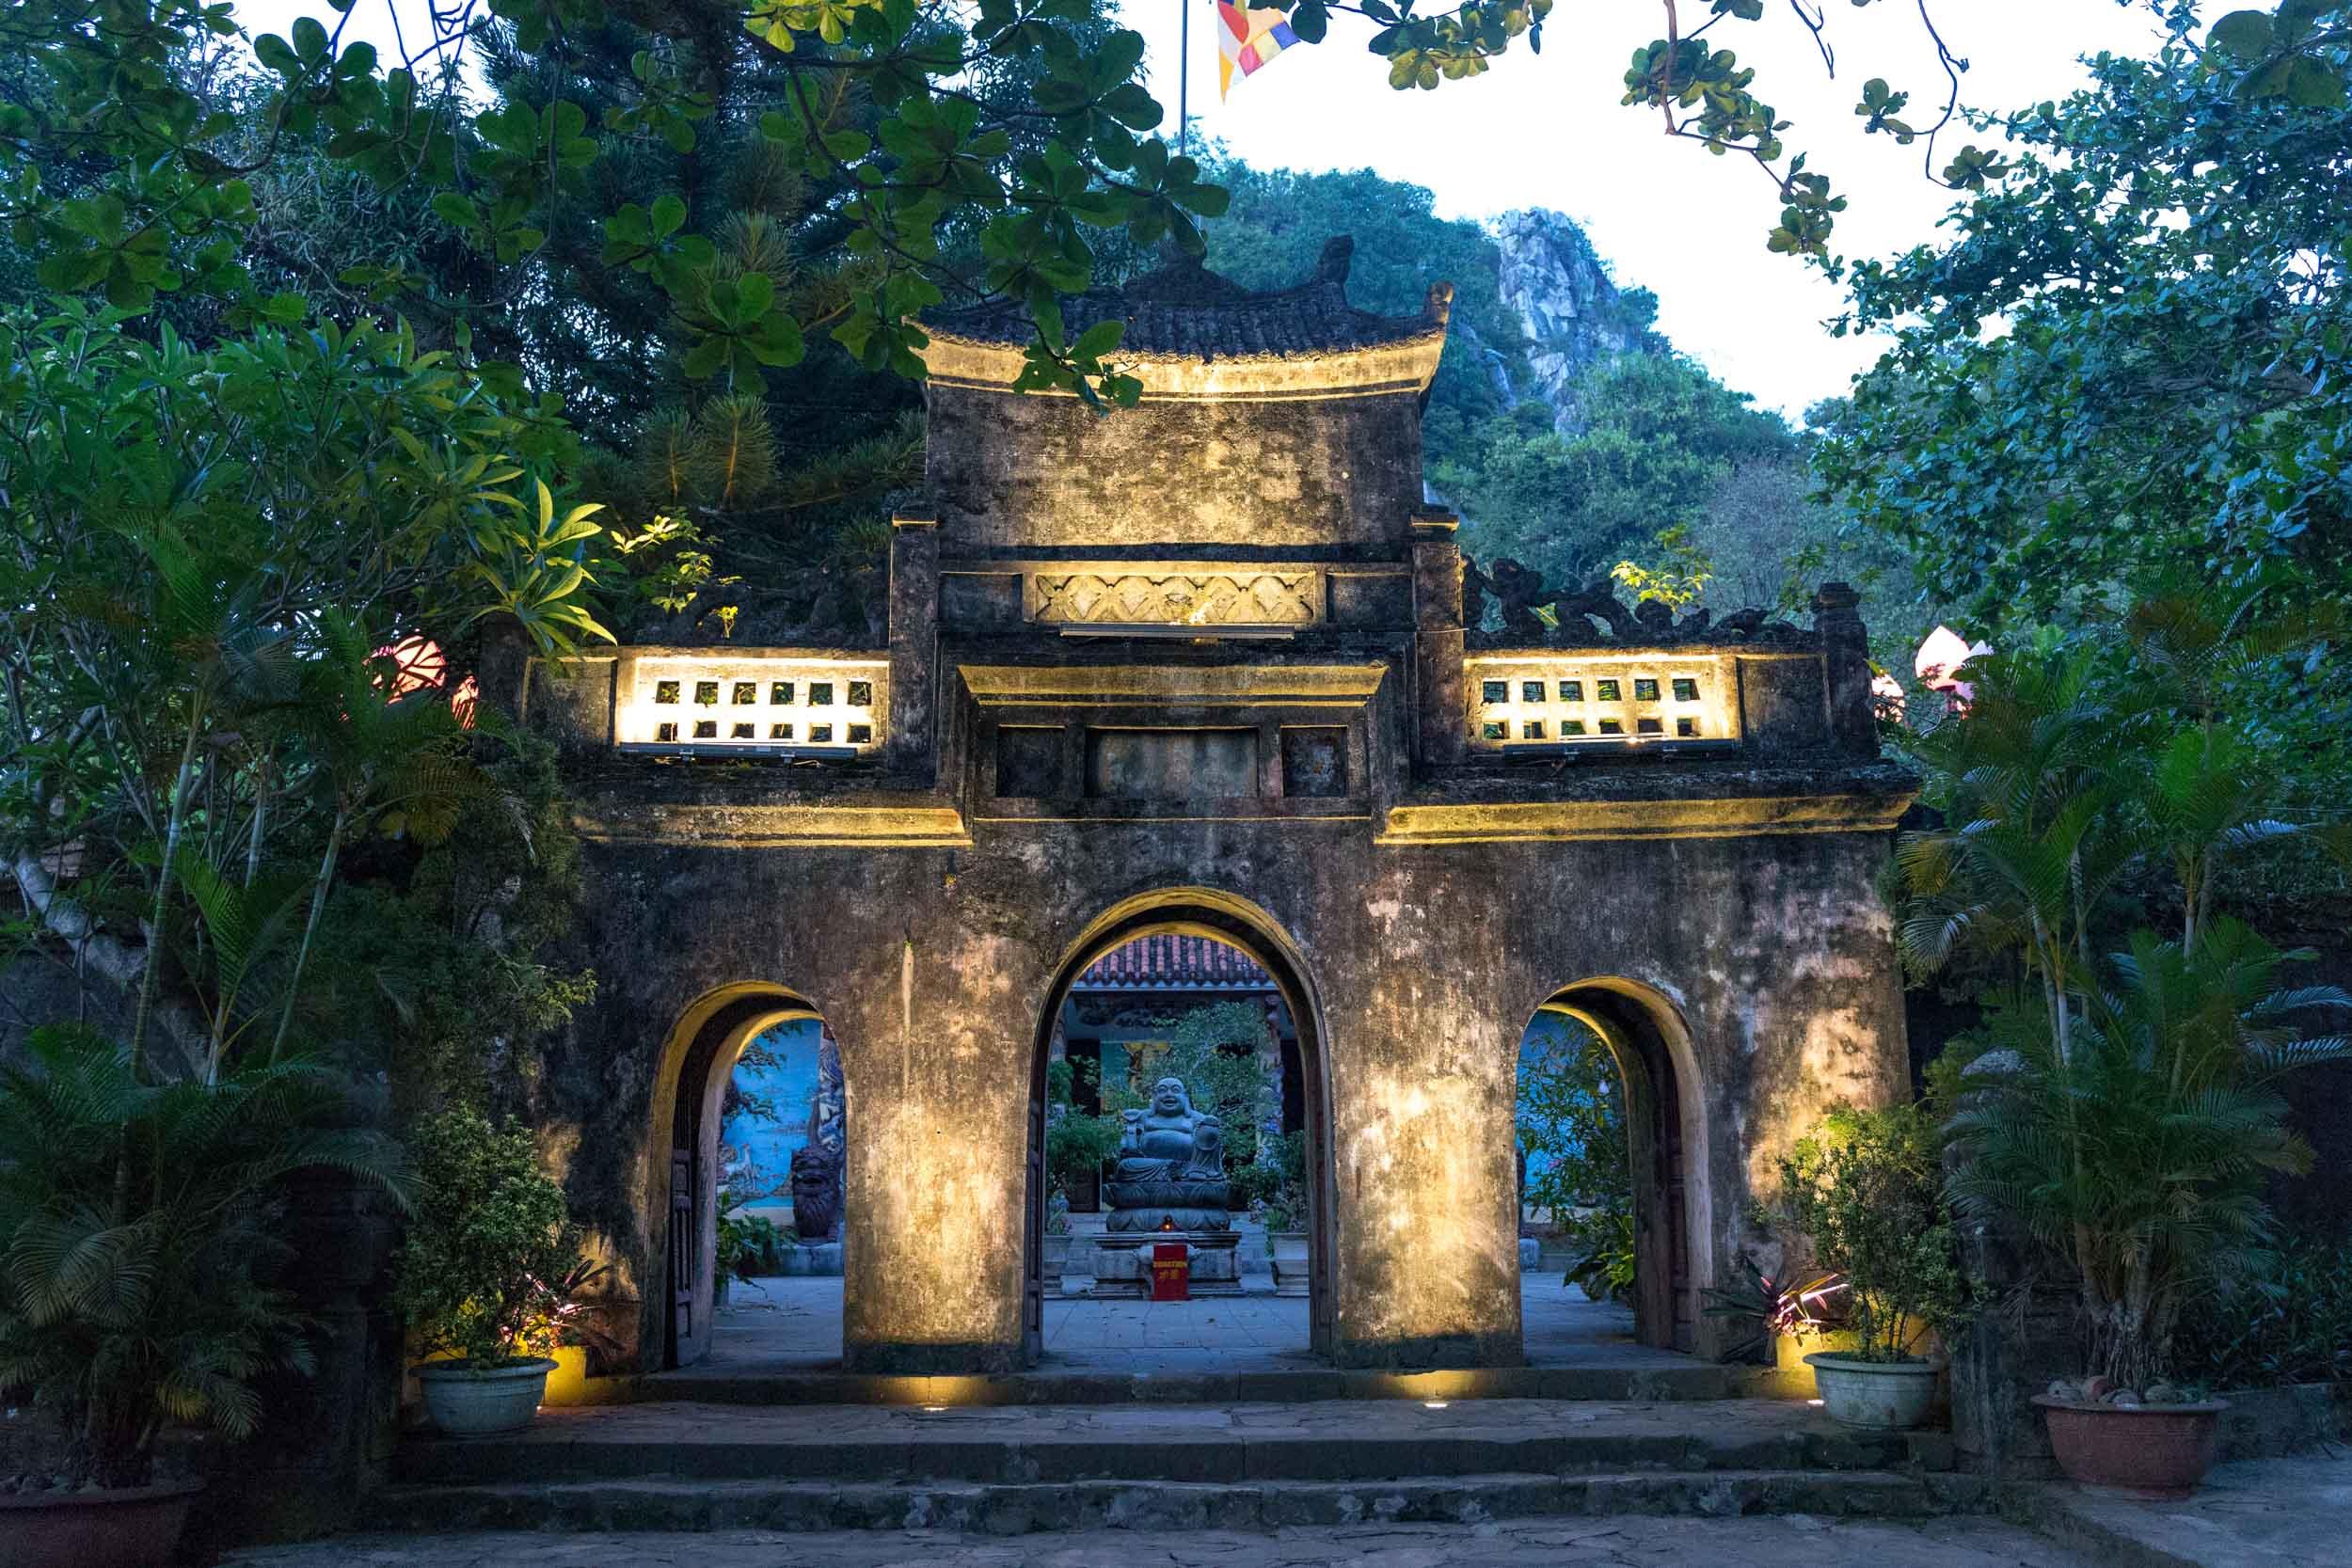 Temple entrance on Marble Mountain Da Nang, Vietnam.